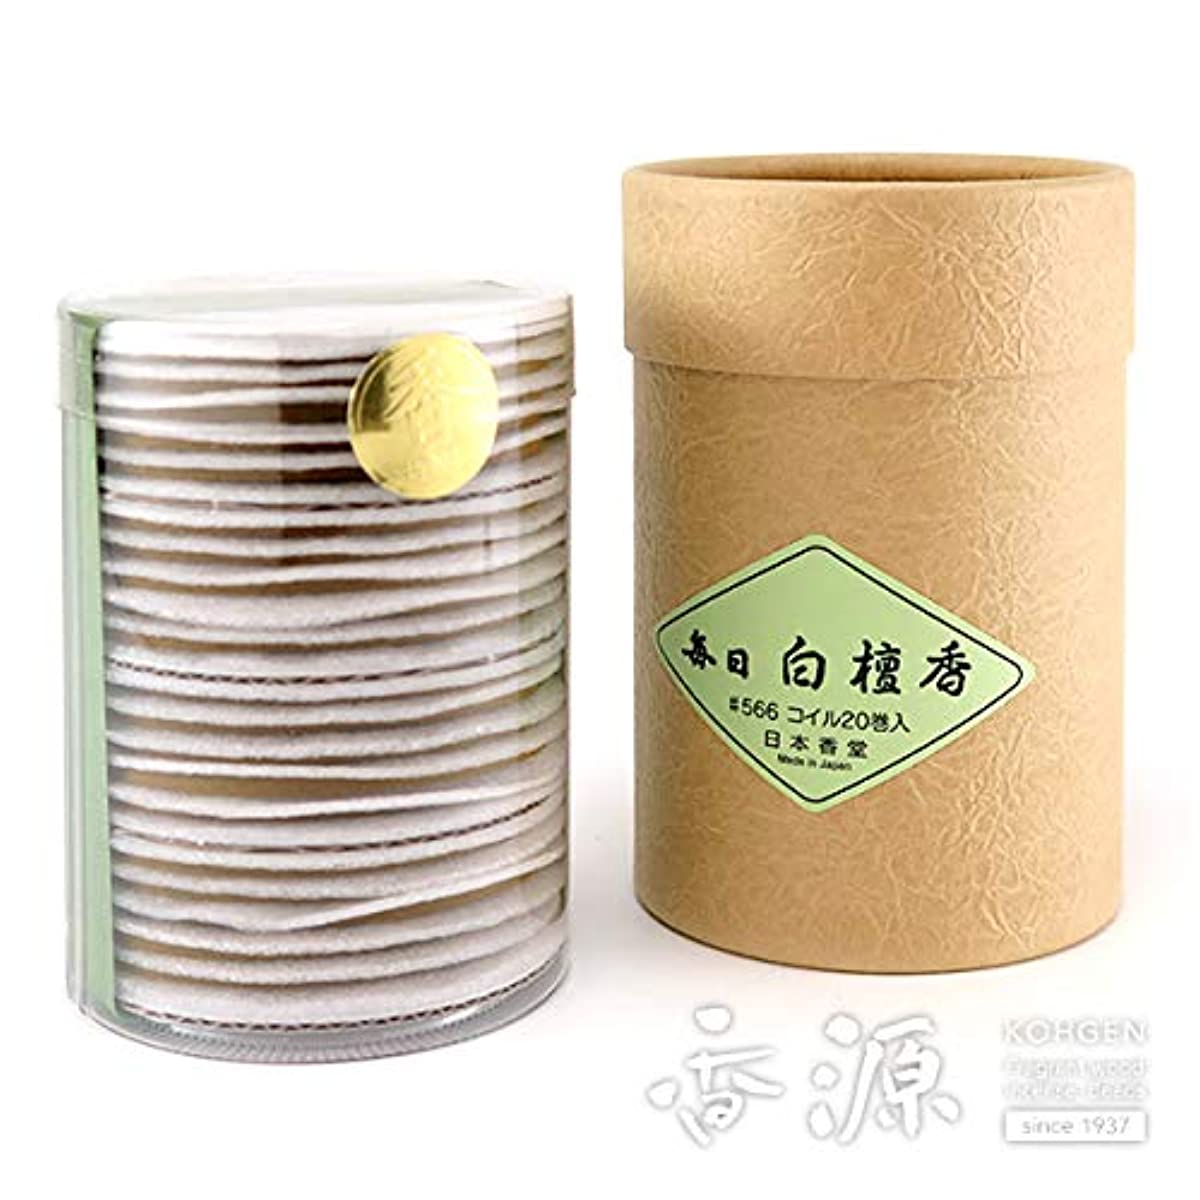 リルキノコサーカス日本香堂のお香 毎日白檀香 徳用渦巻型20枚入